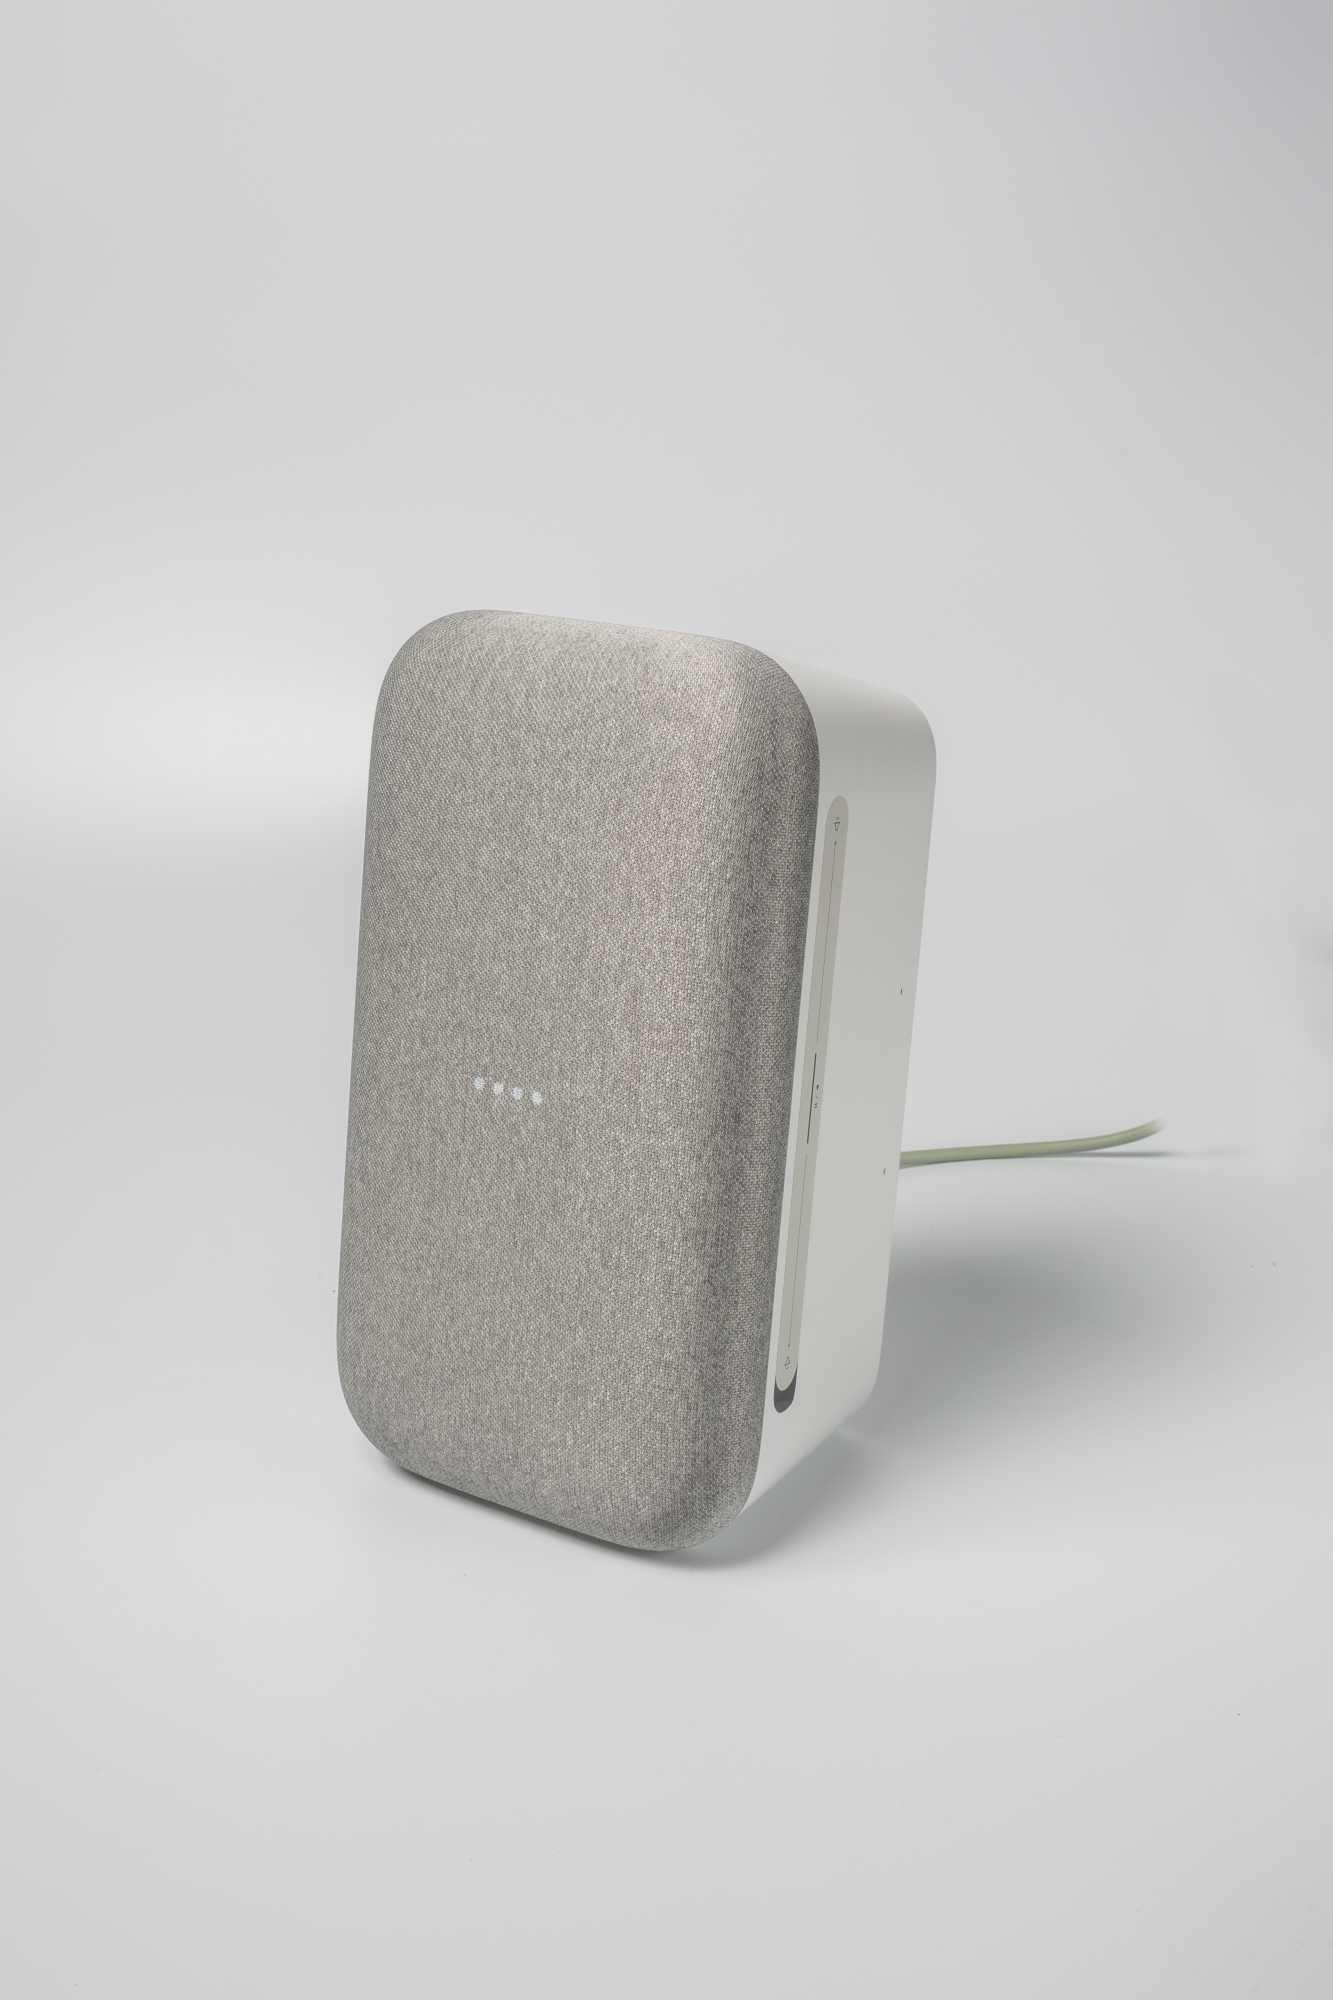 Den Home Max kann man hoch- und querkant nutzen.